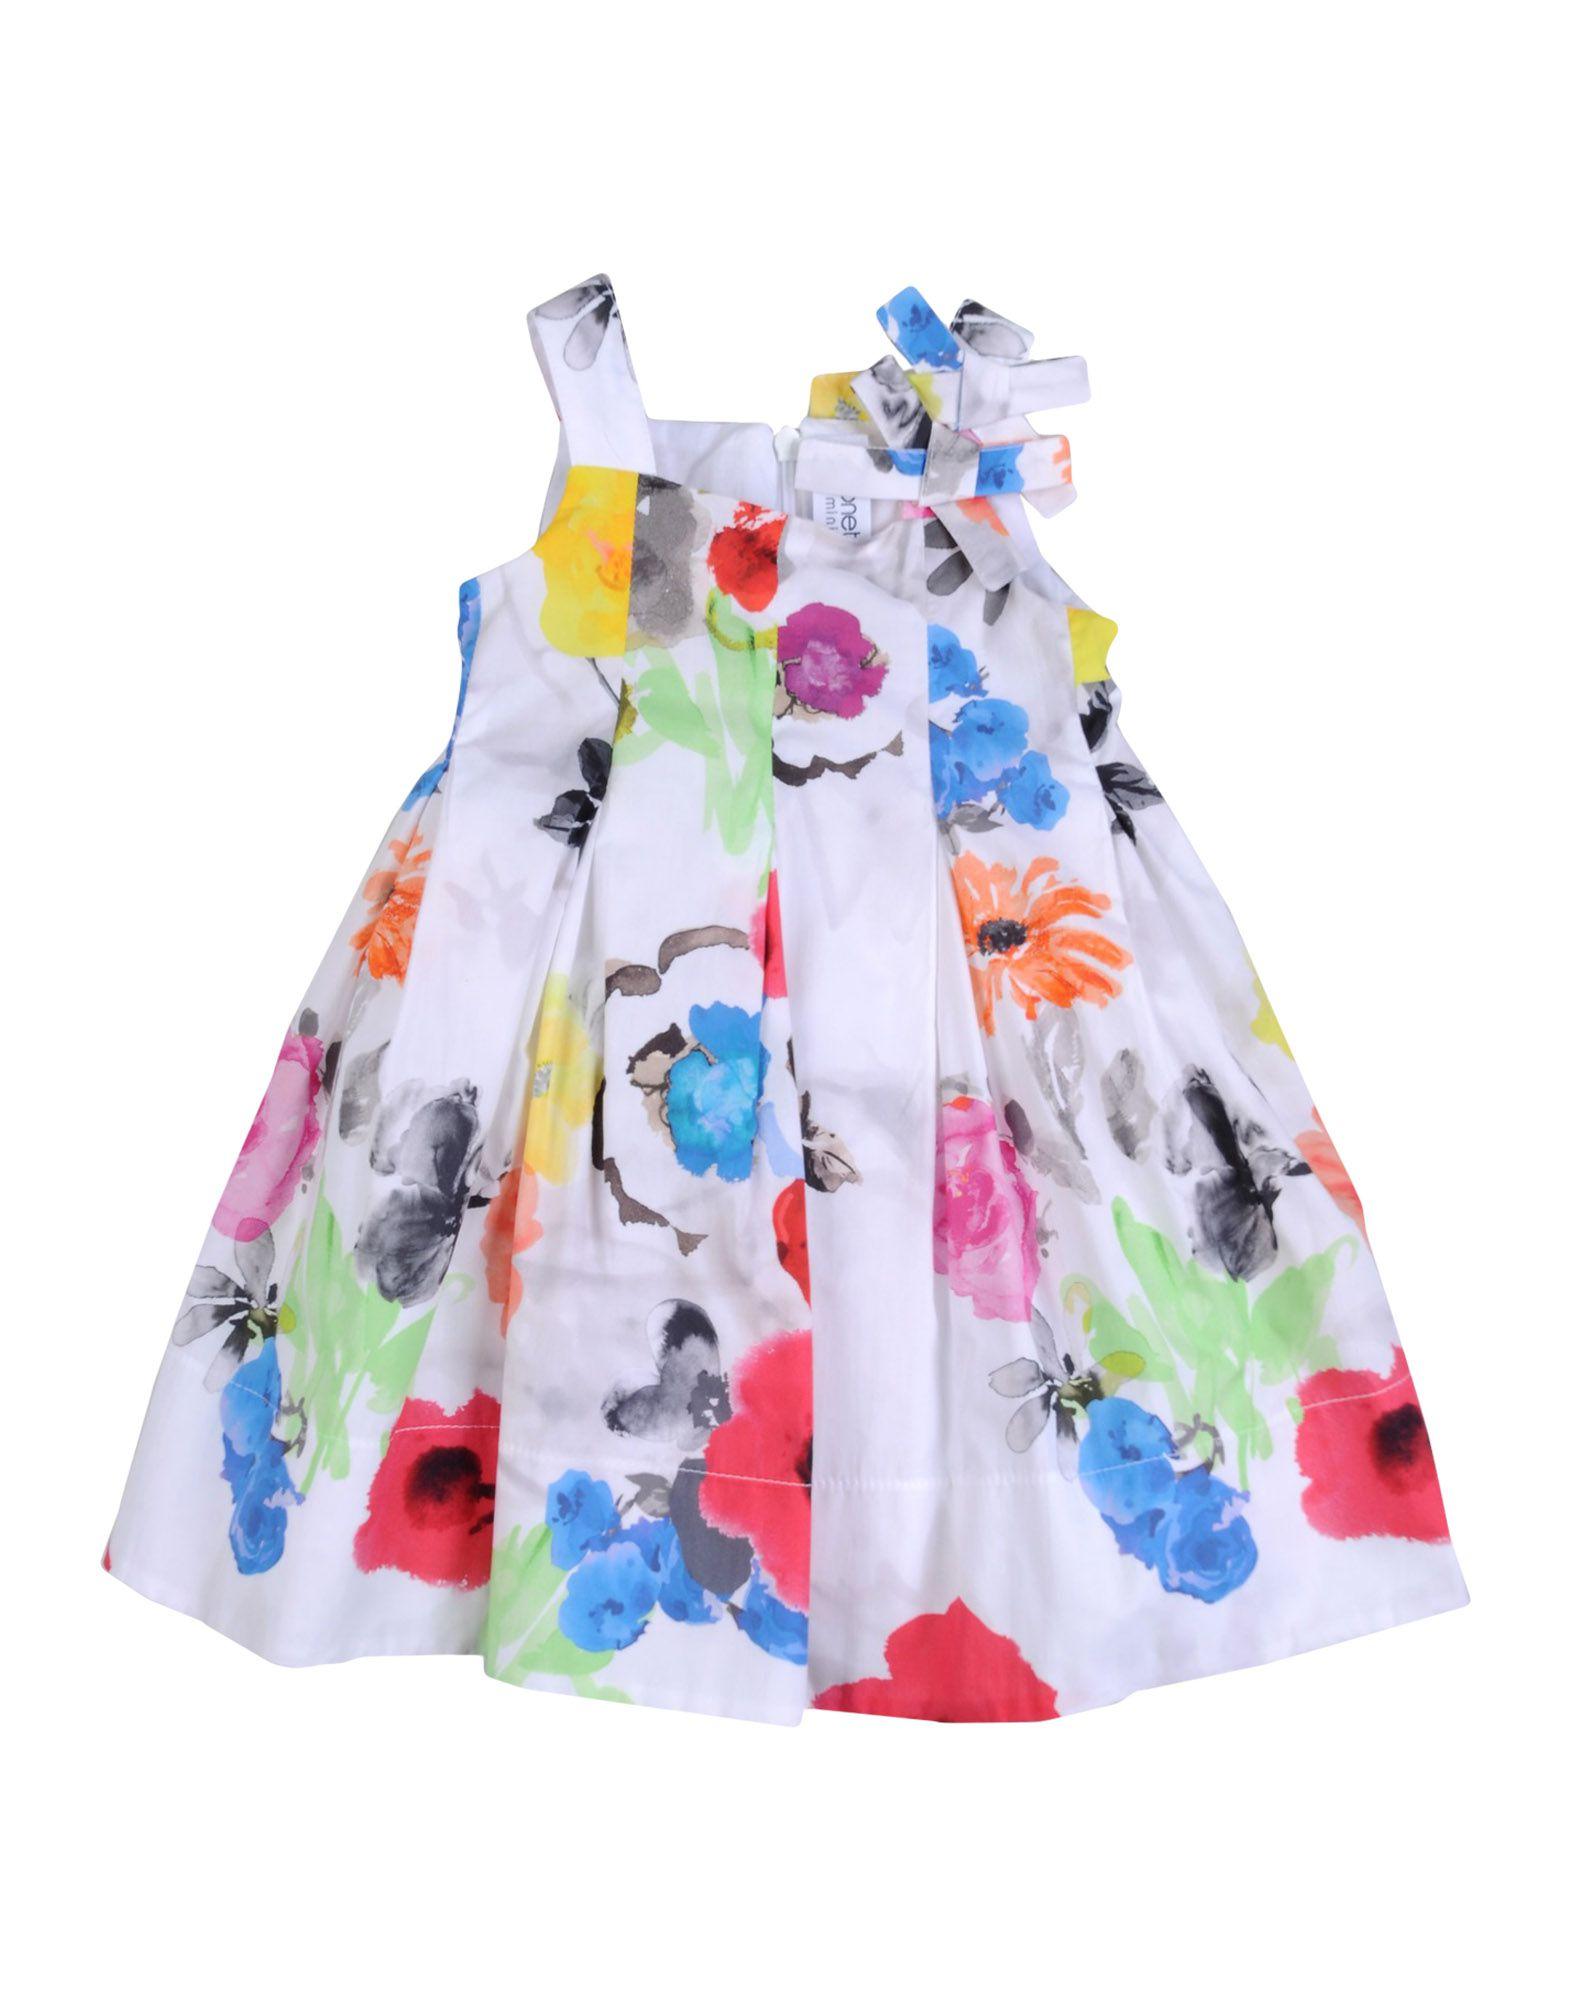 Симонетта одежда для детей